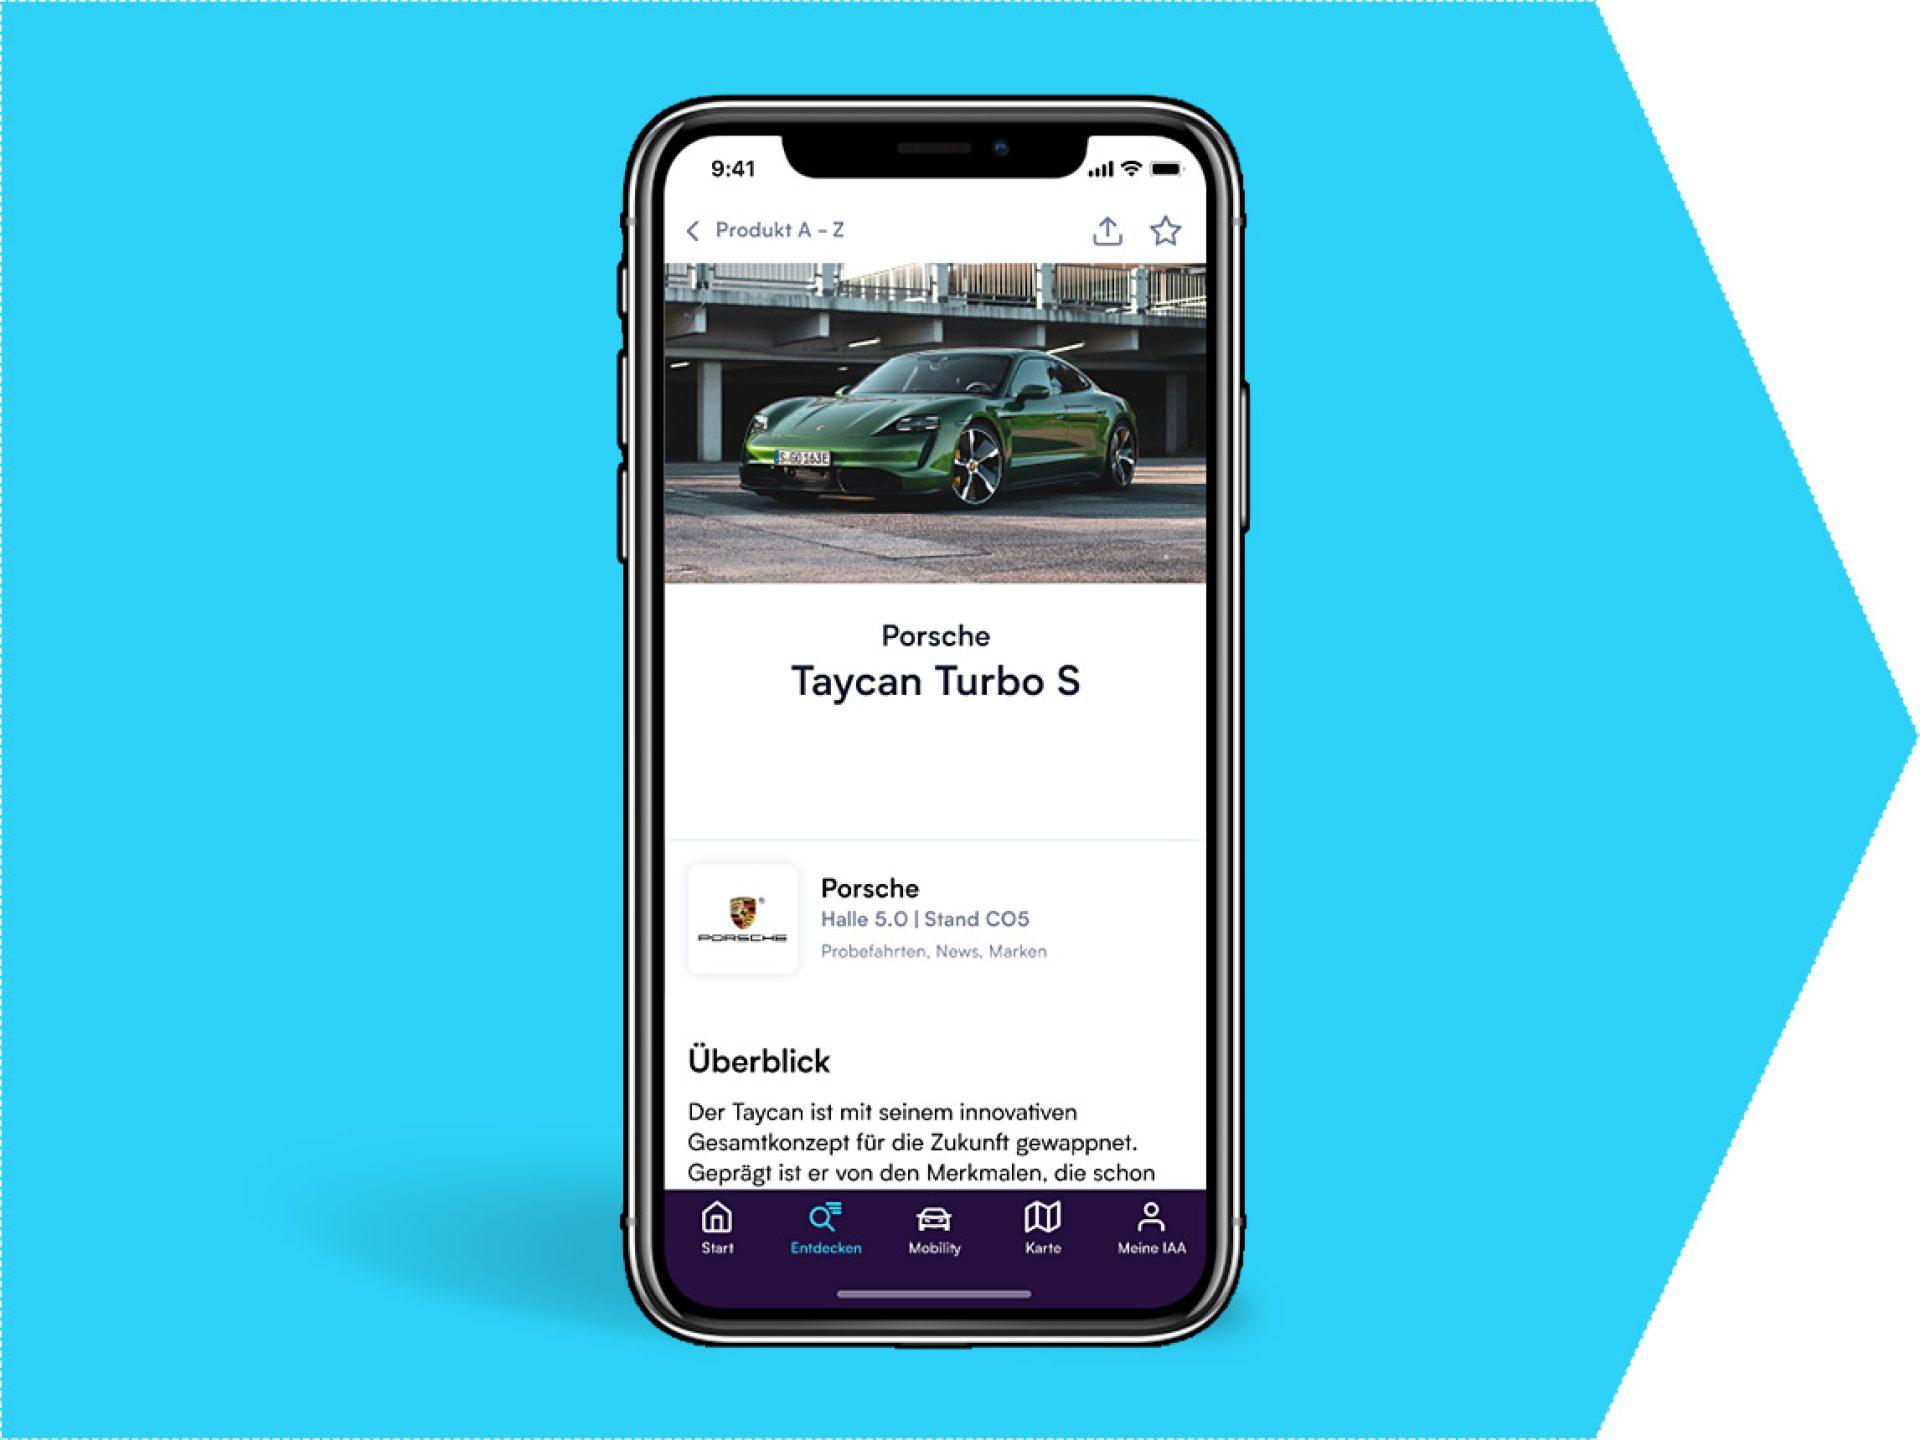 Produktpräsentation/Neuheit in der App